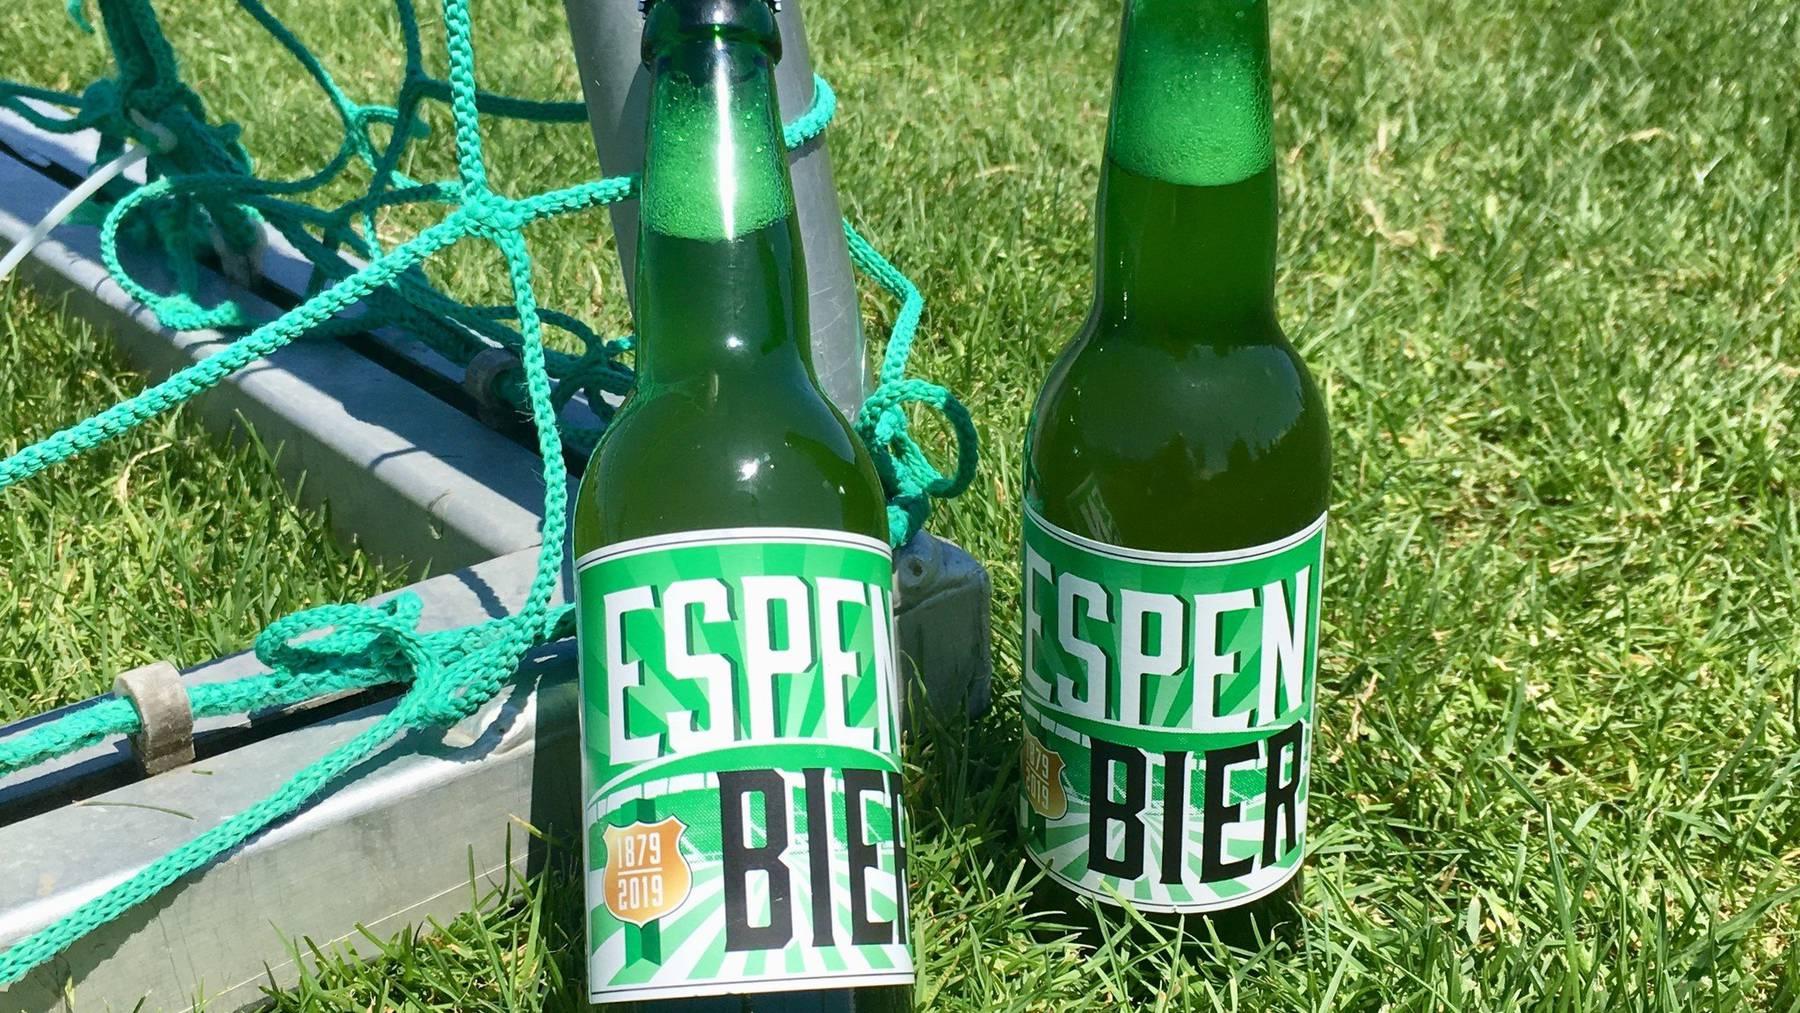 Für einen guten Zweck: das neue Fan-Bier